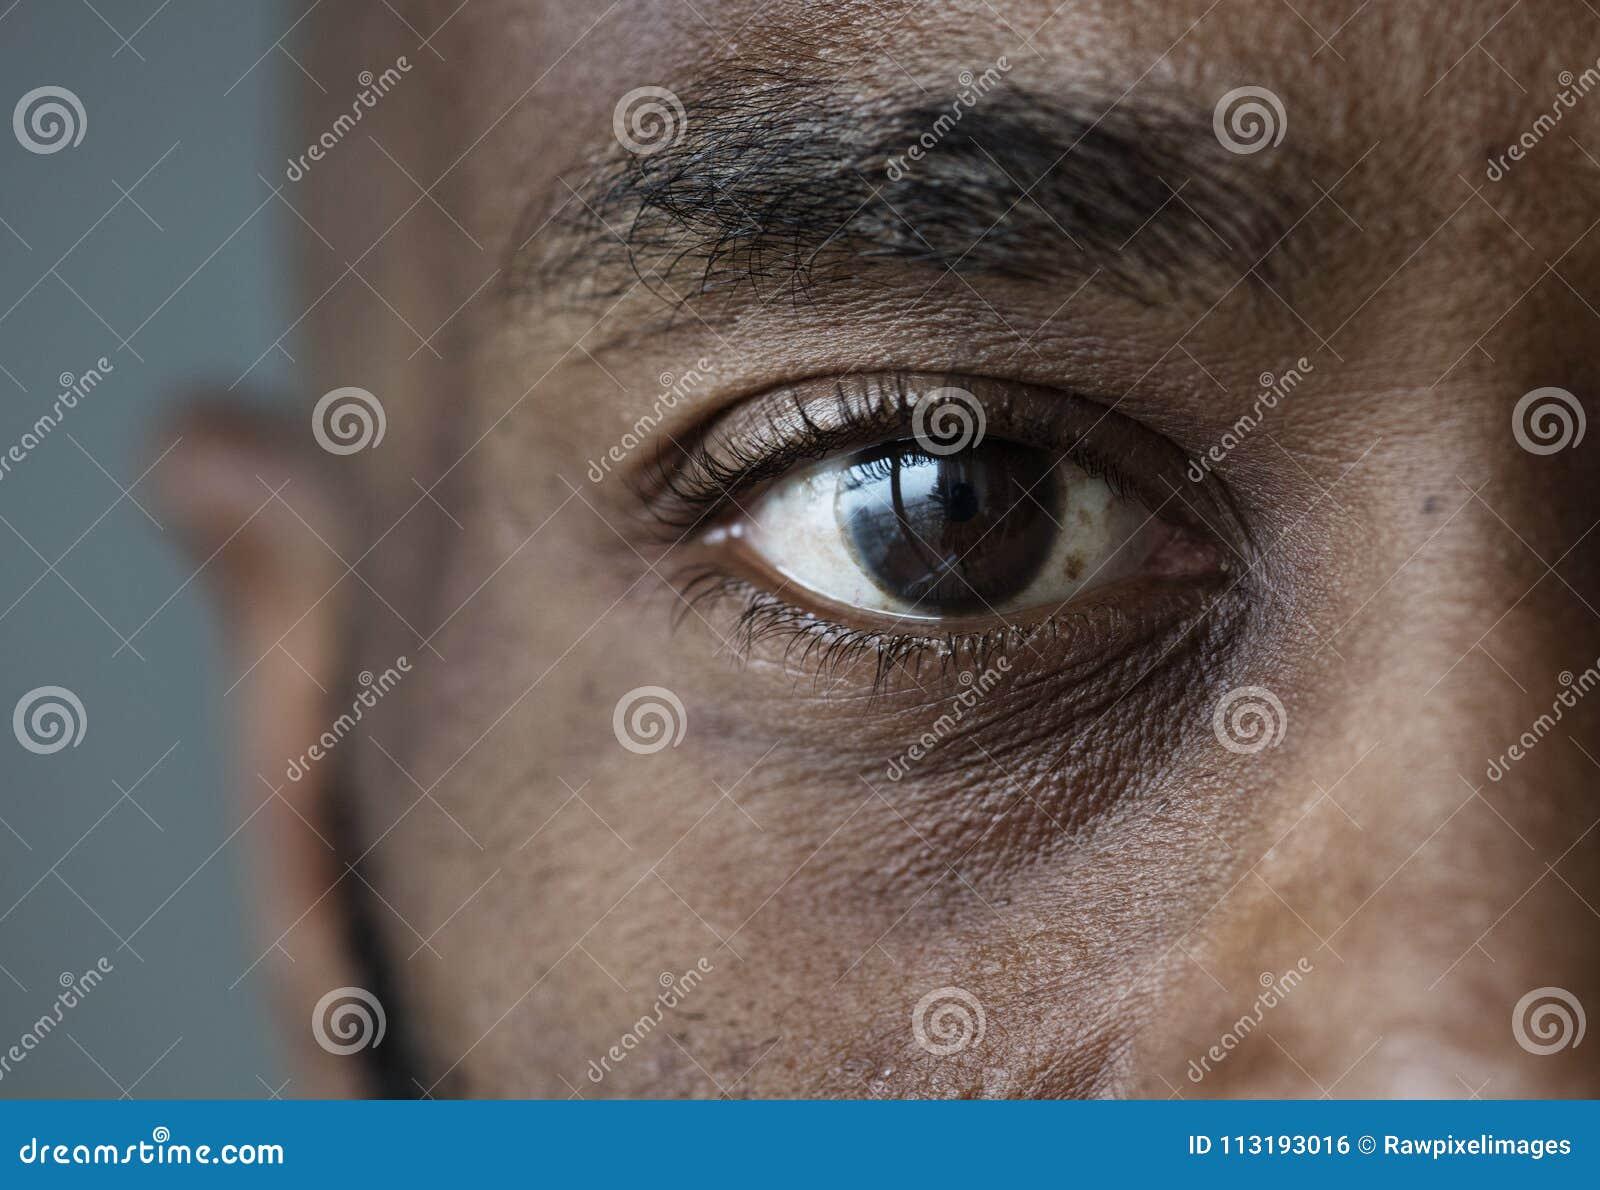 Крупный план глаза выражения лица чернокожего человека